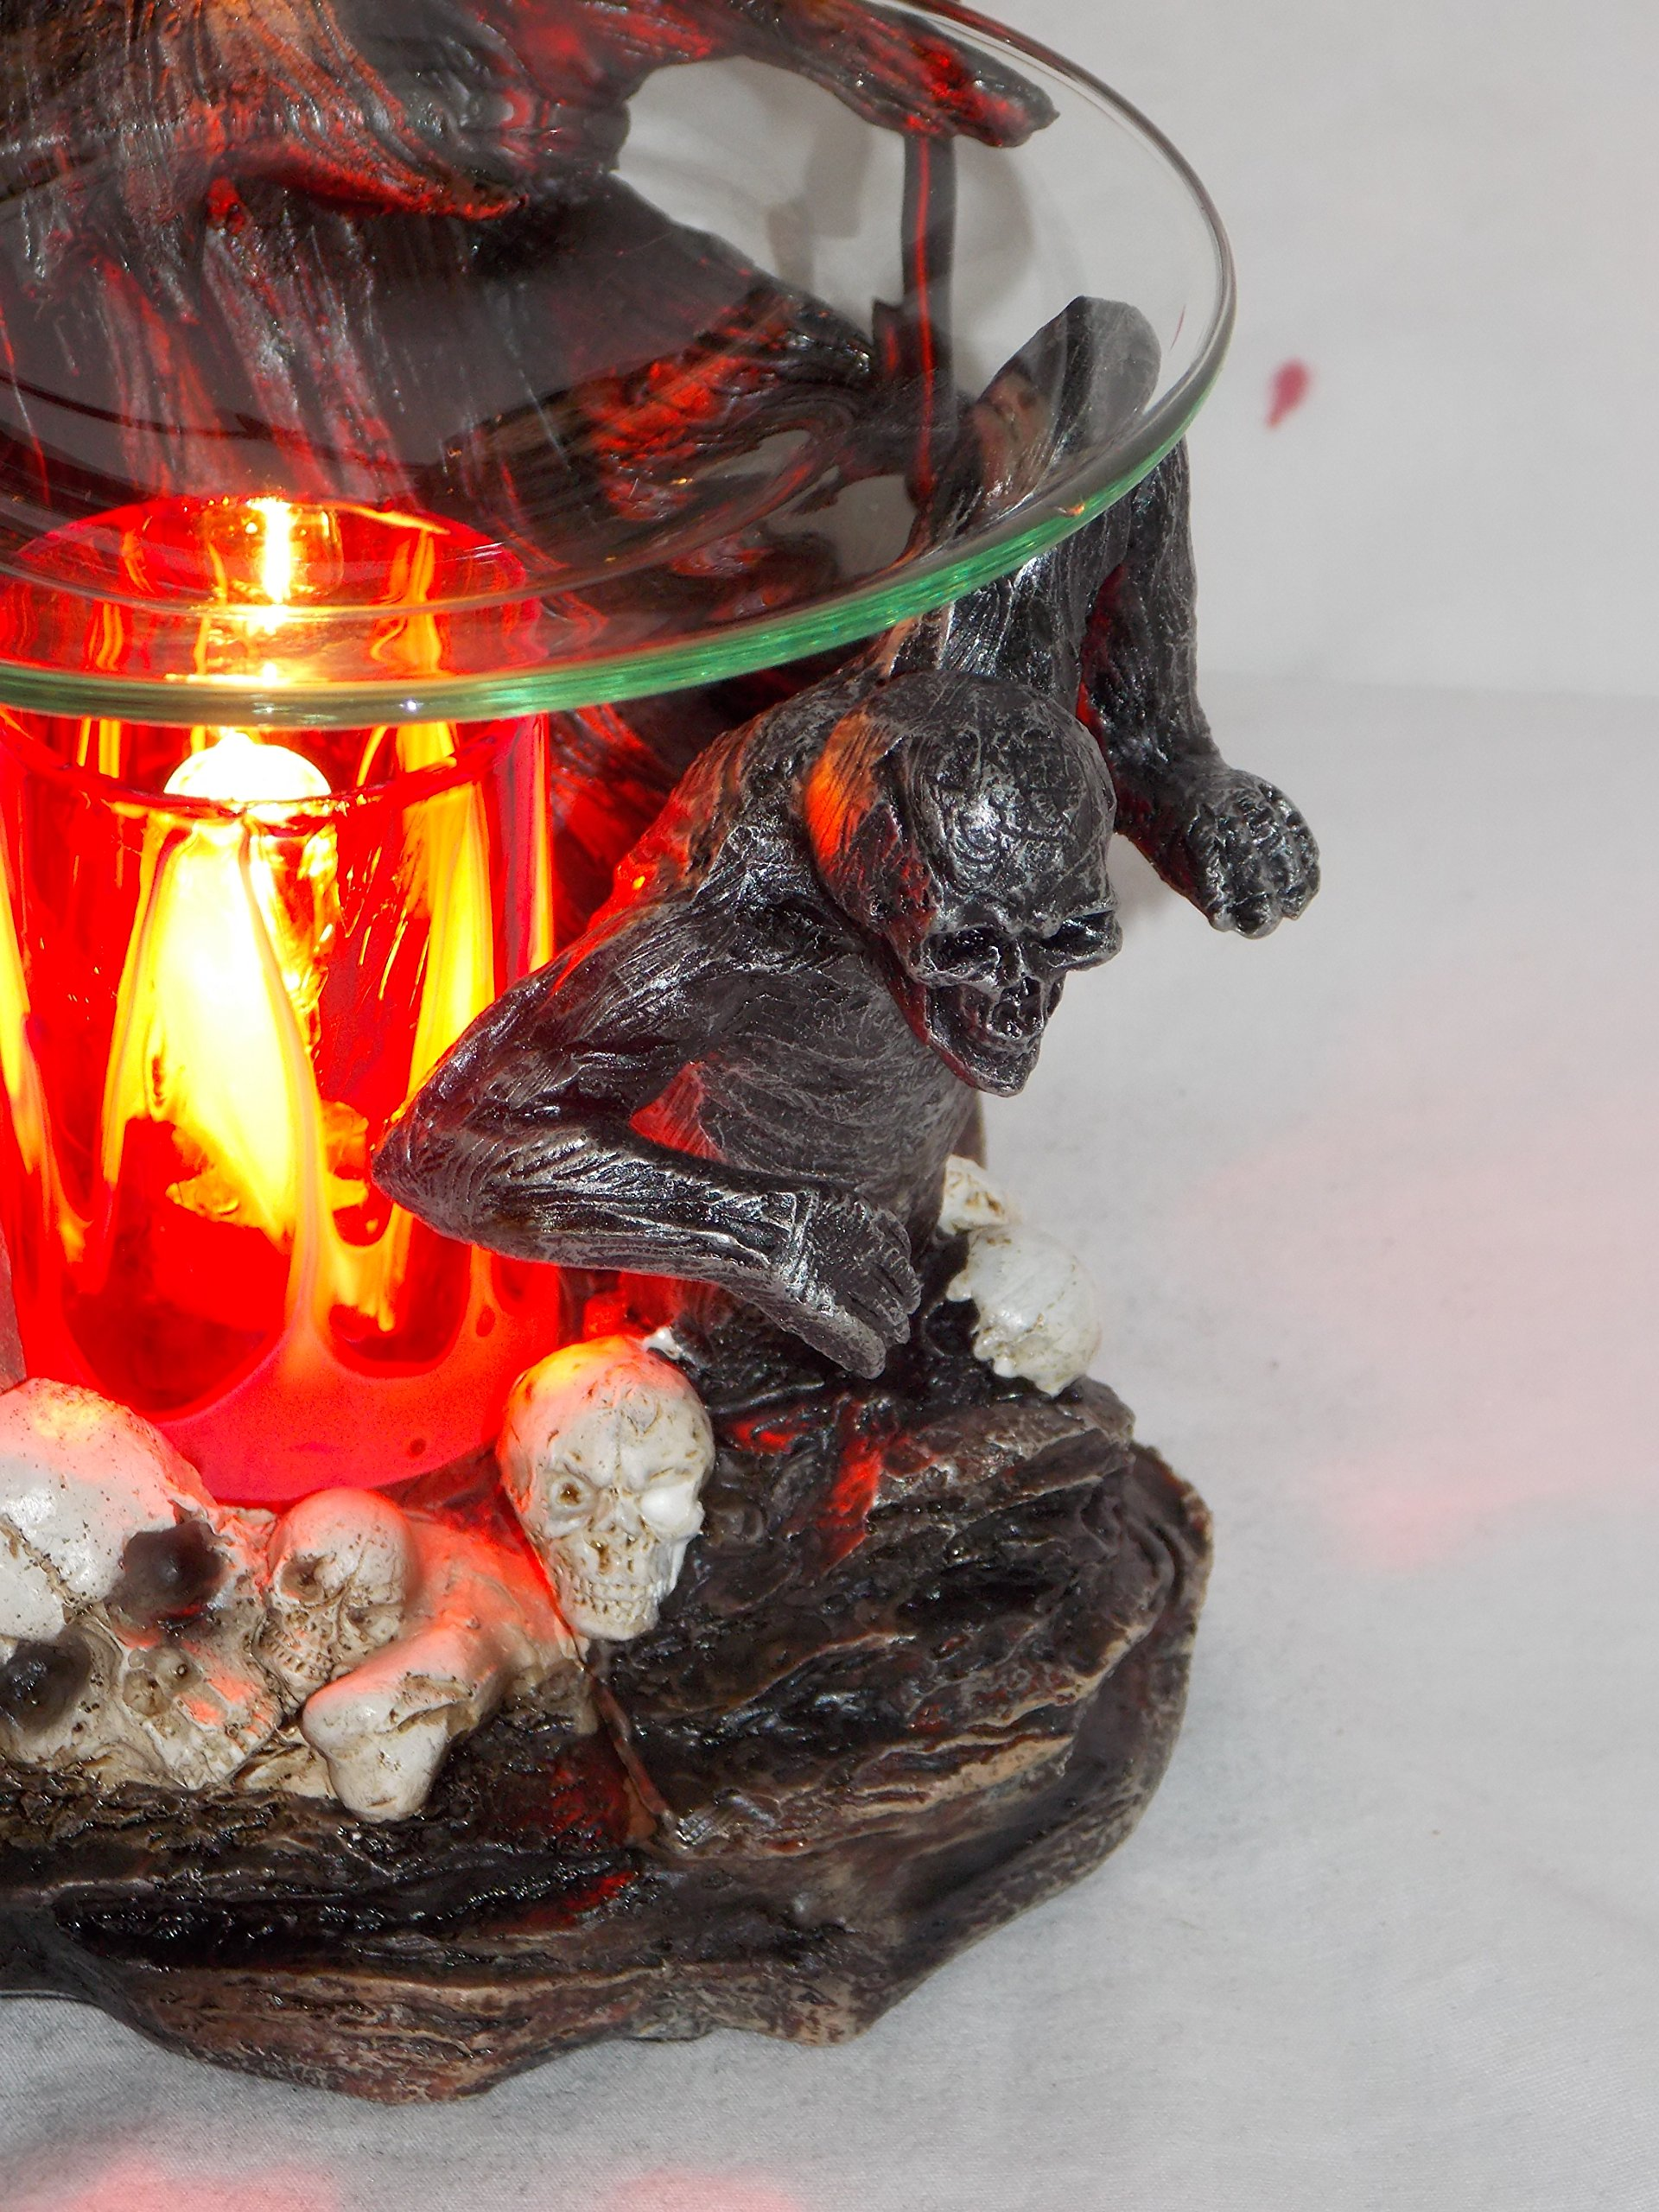 New Grim Reaper In Skull Graveyard Fragrance Oil Burner Tart Warmer With Dimmer by Grim Reaper in Graveyard Oil Burner Warmer (Image #3)